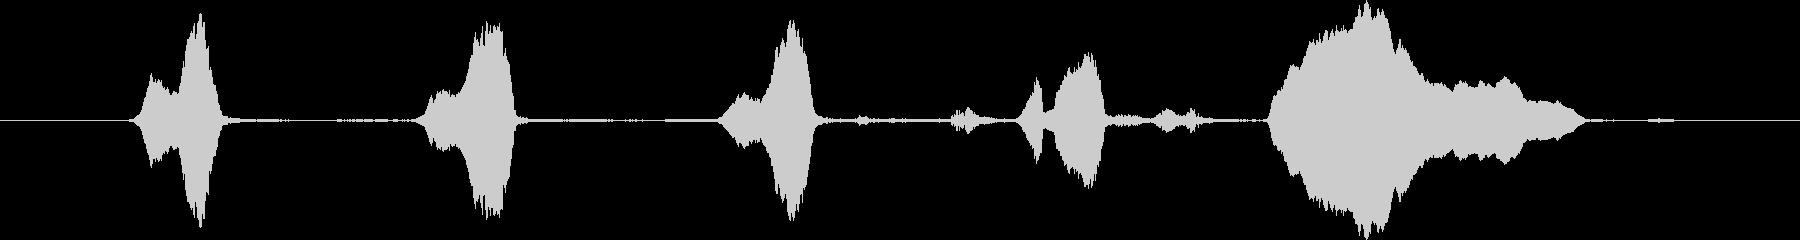 アフリカ灰色のオウム:発声フレーズ...の未再生の波形